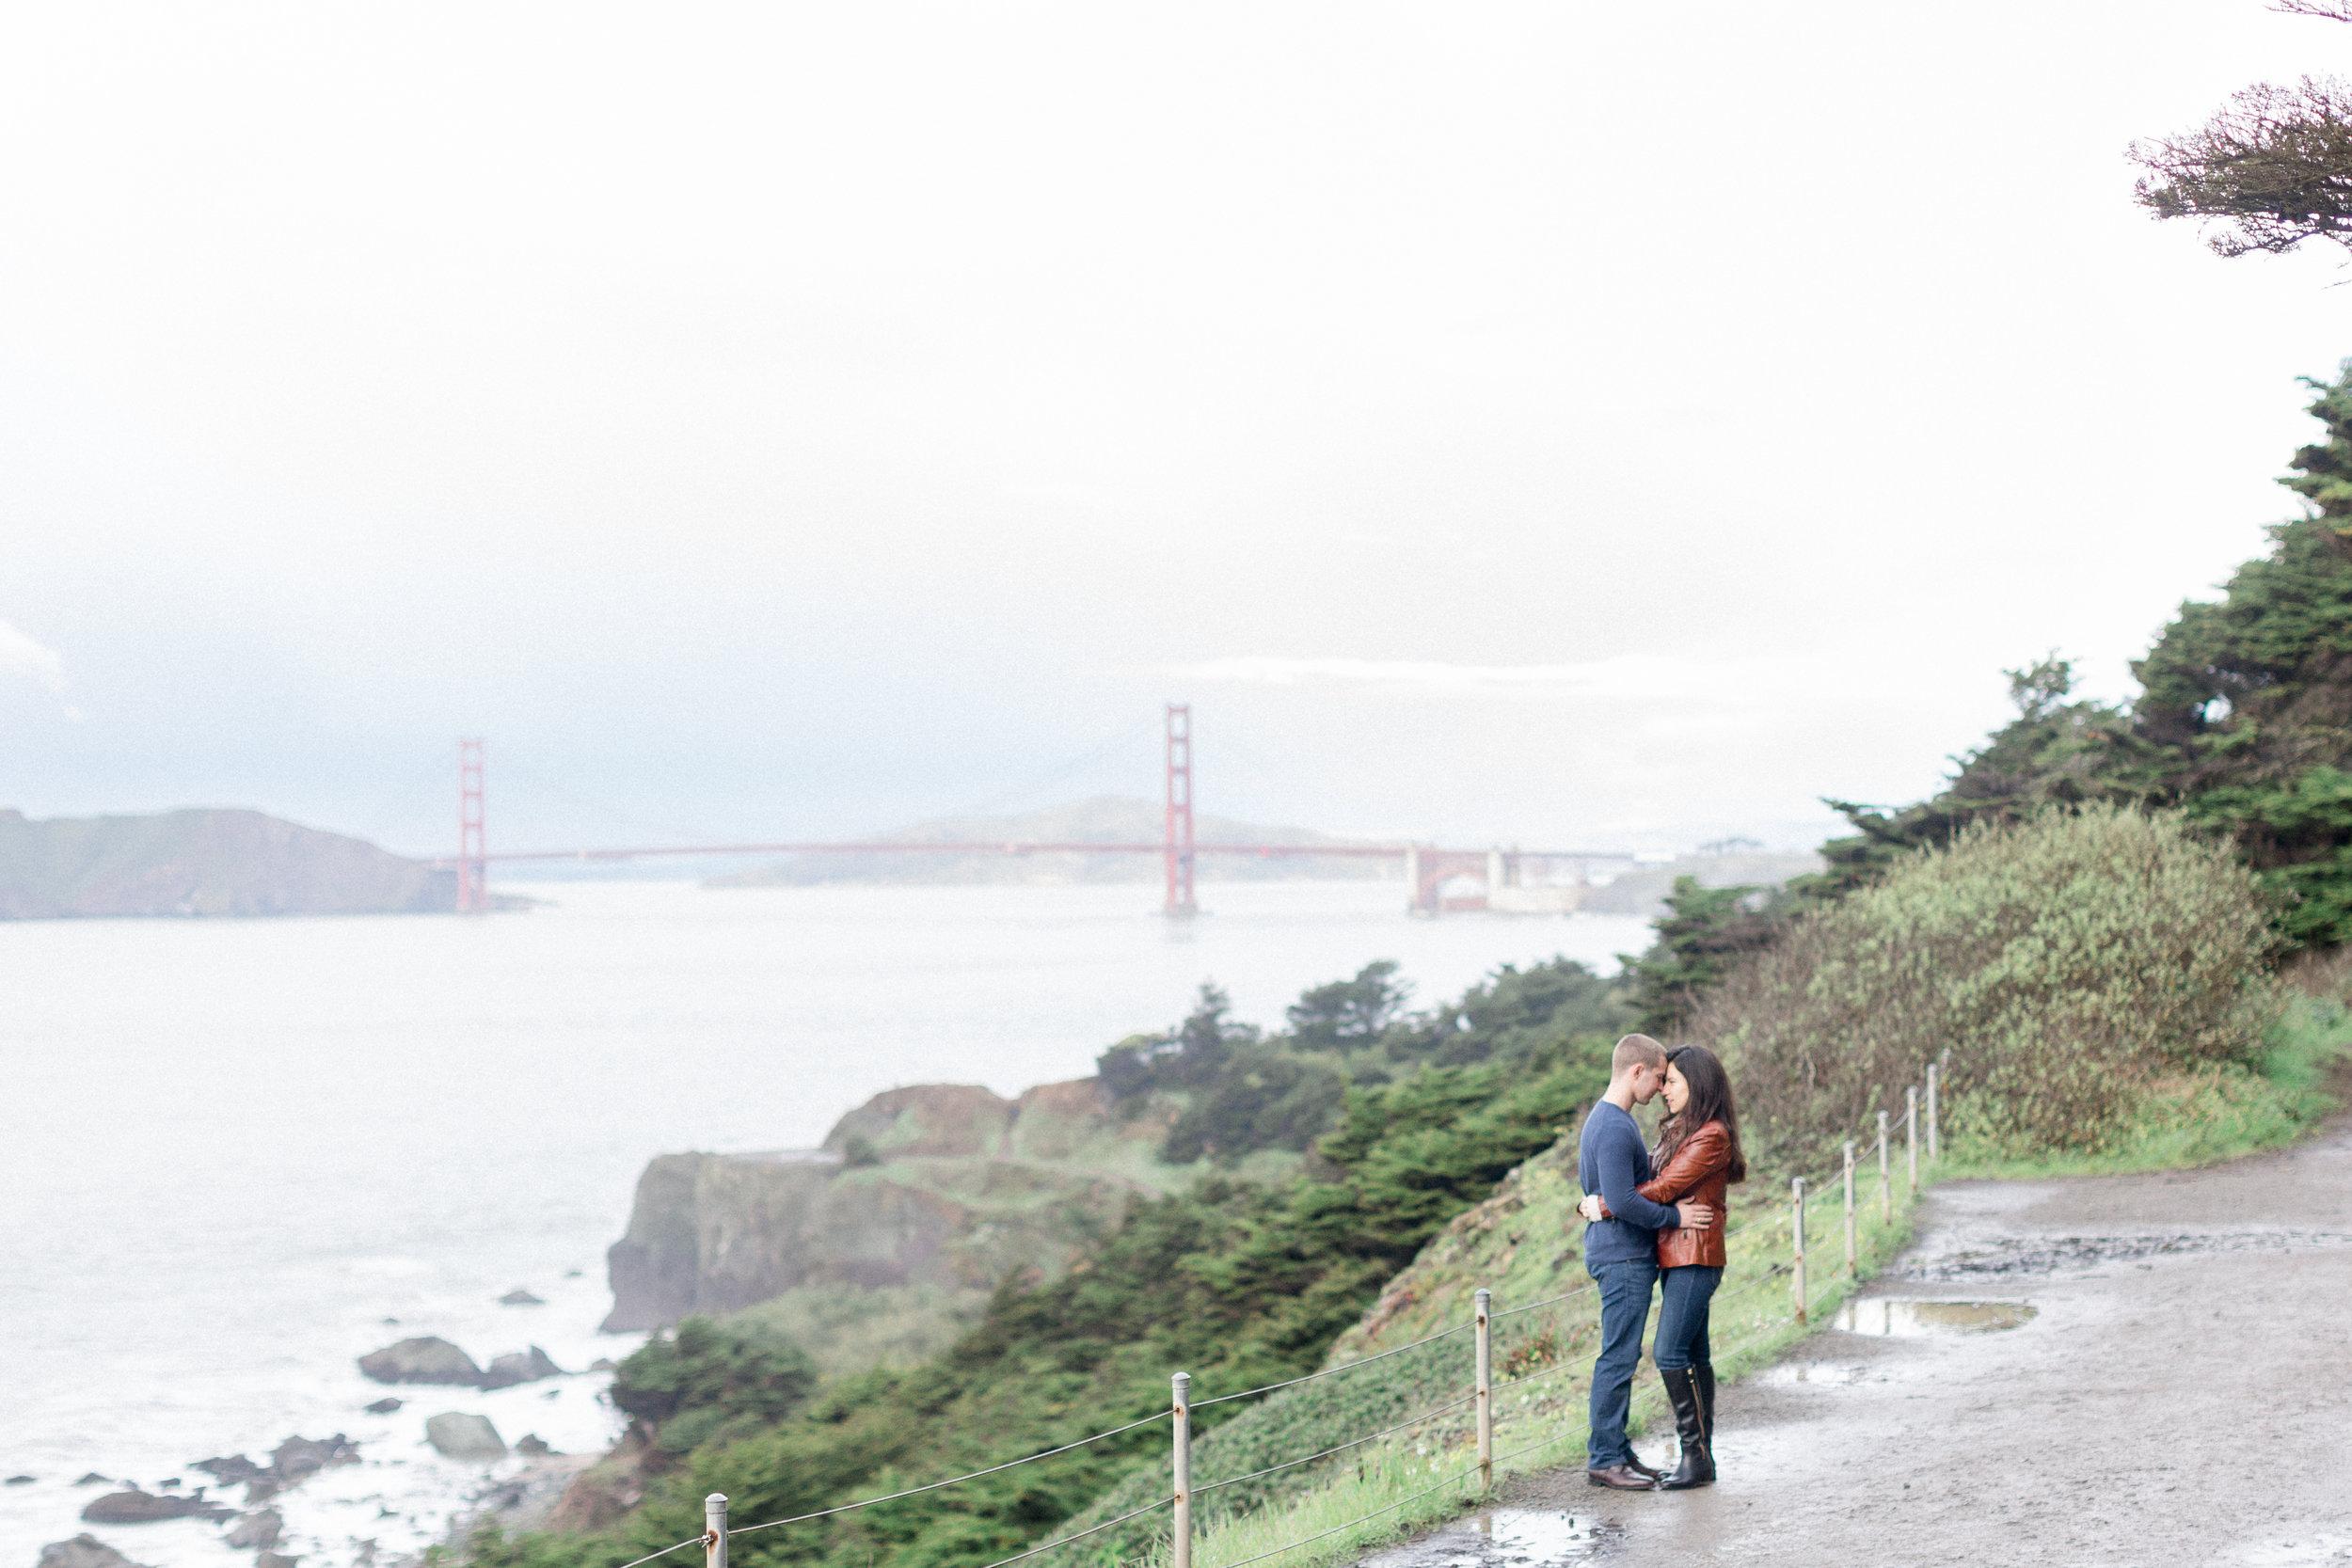 Mile-Rock-Beach-trailhead-San-Francisco-engagement-photos.jpg